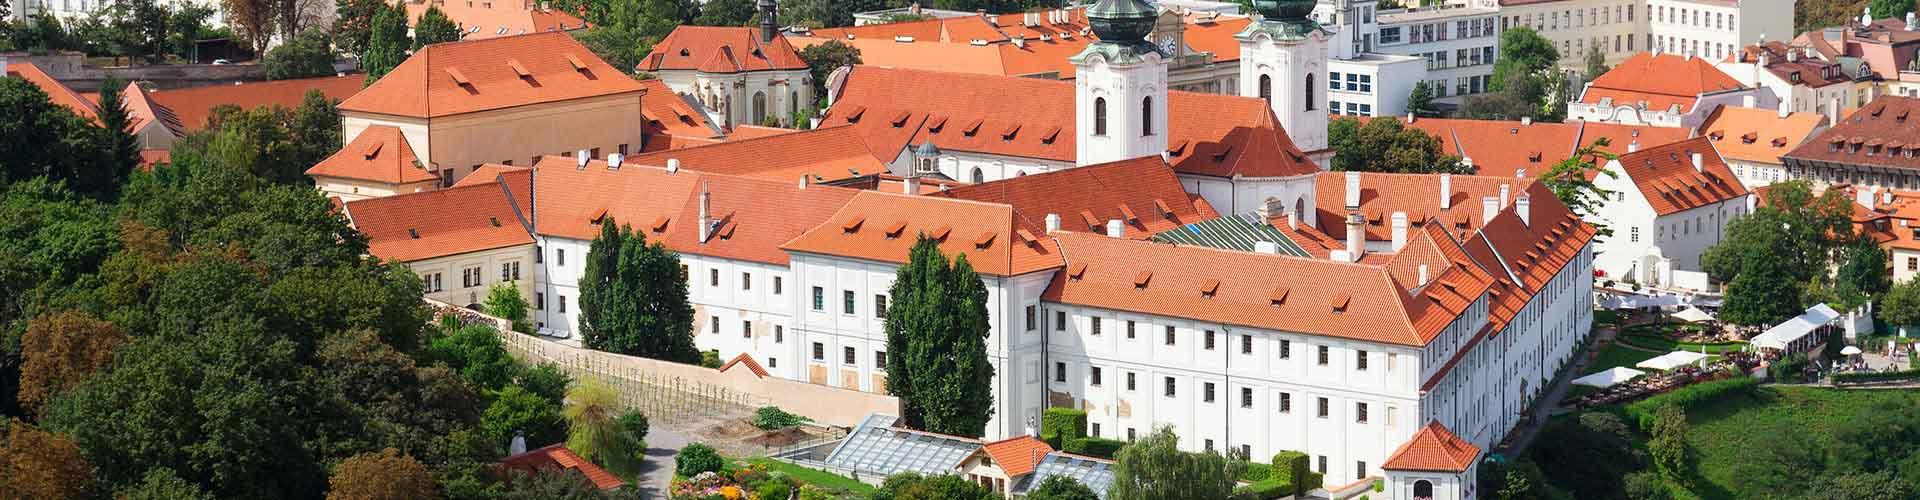 Praga – Albergues próximos a Mosteiro Strahov. Mapas para Praga, Fotos e Avaliações para cada Albergue em Praga.